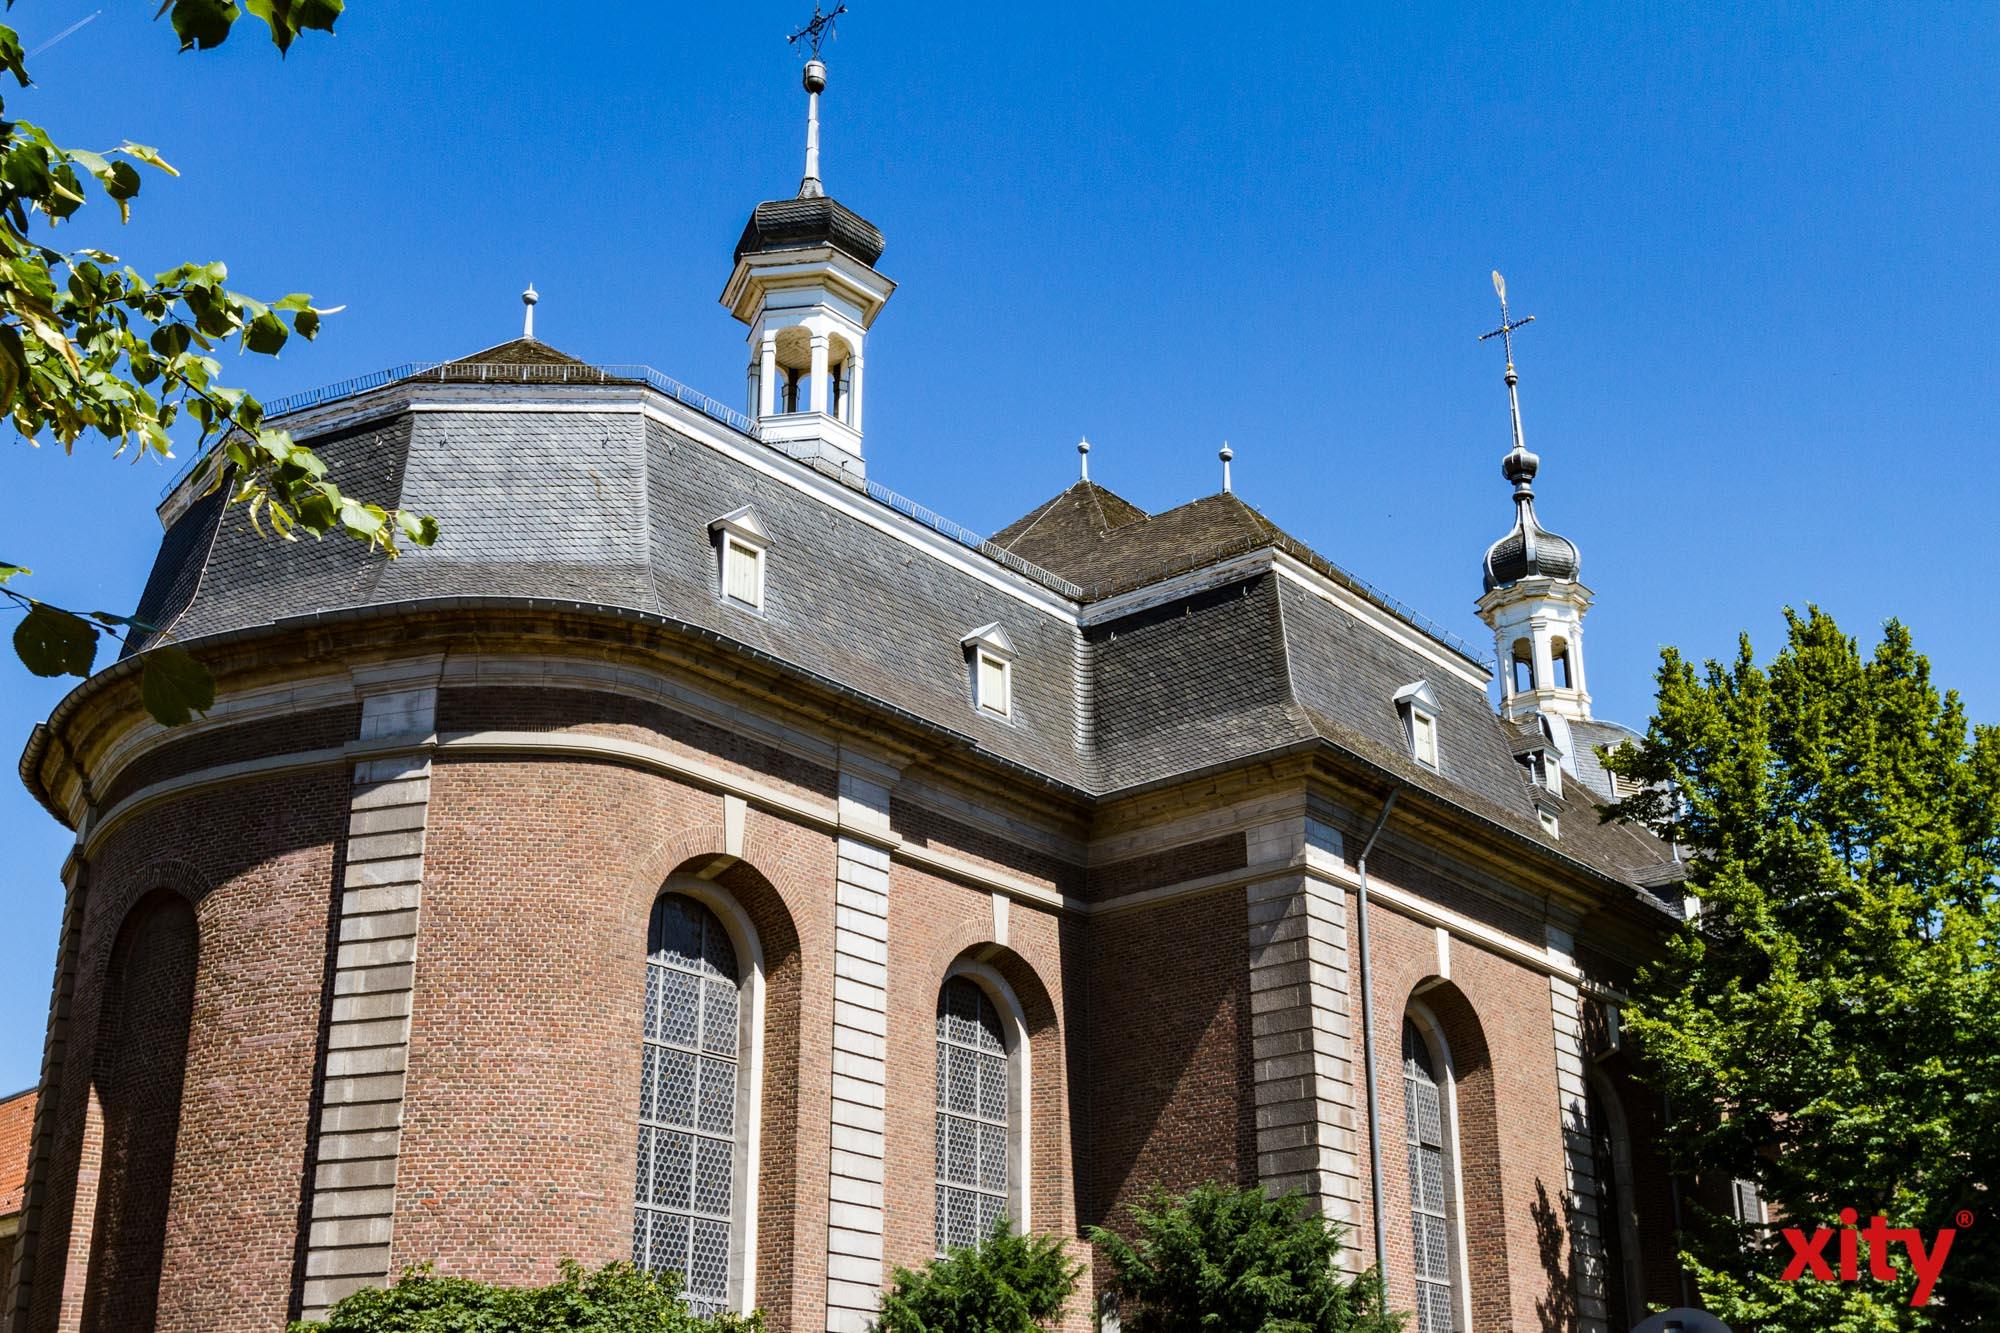 Führung durch Maxhaus und Maxkirche